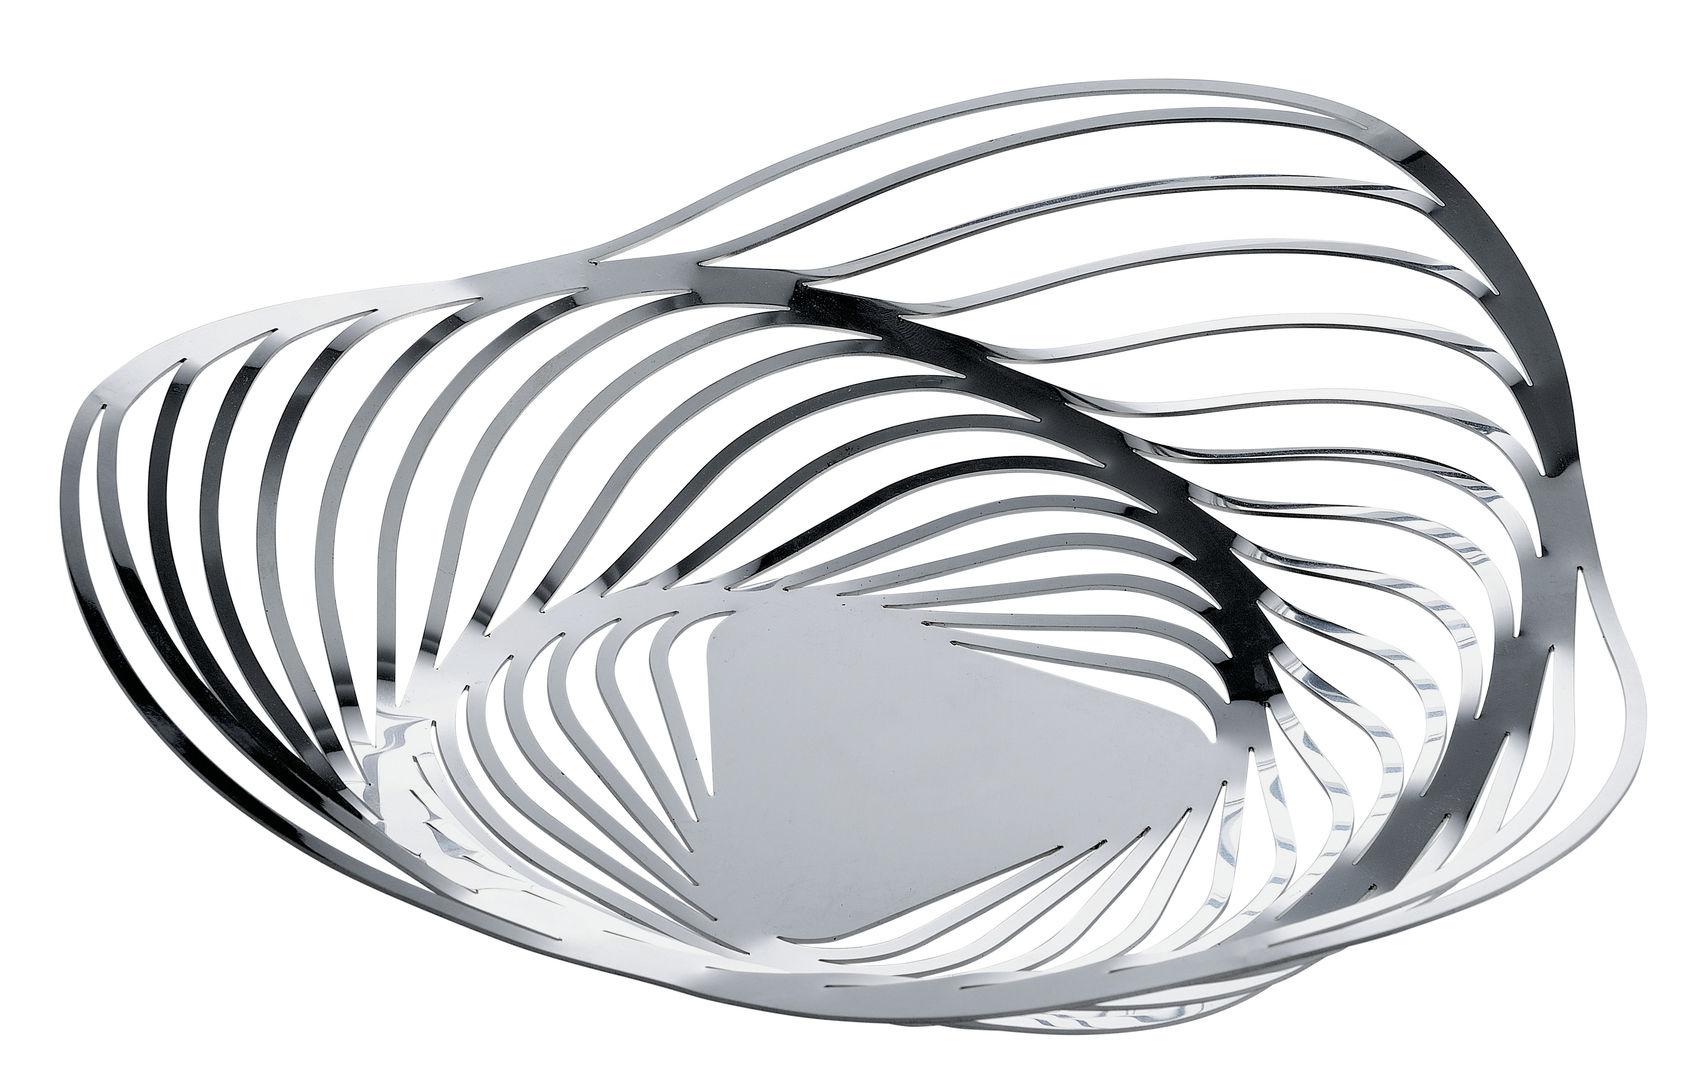 Arts de la table - Corbeilles, centres de table - Corbeille Trinity / Ø 33 x H 8 cm - Alessi - Acier poli - Acier poli